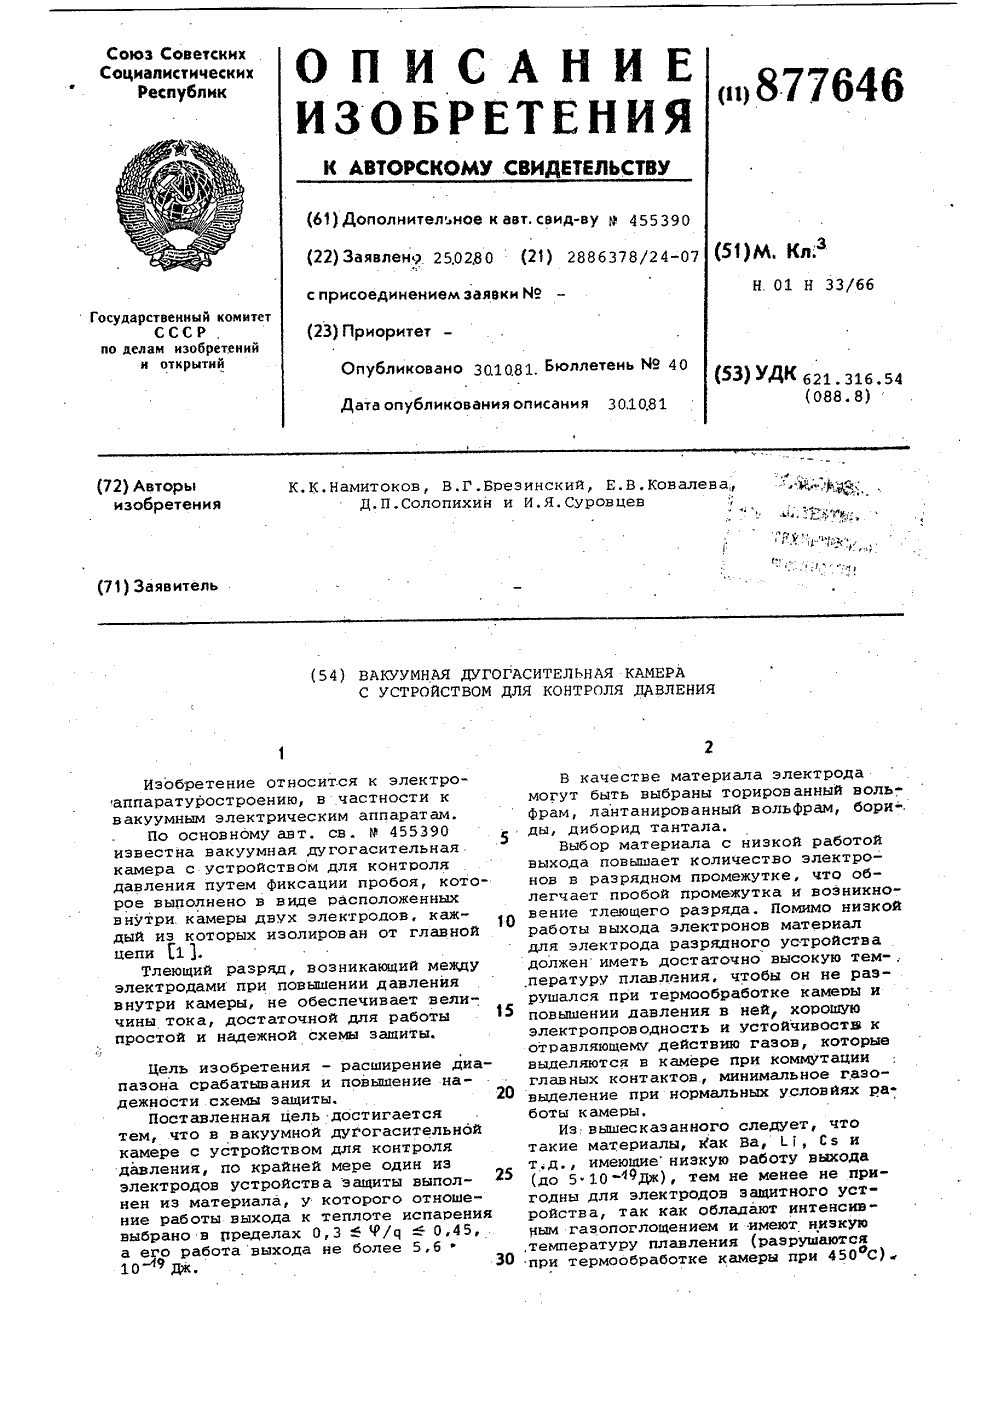 30.11.1981. жидкометаллический. Вакуумная дугогасительная камера с устройс